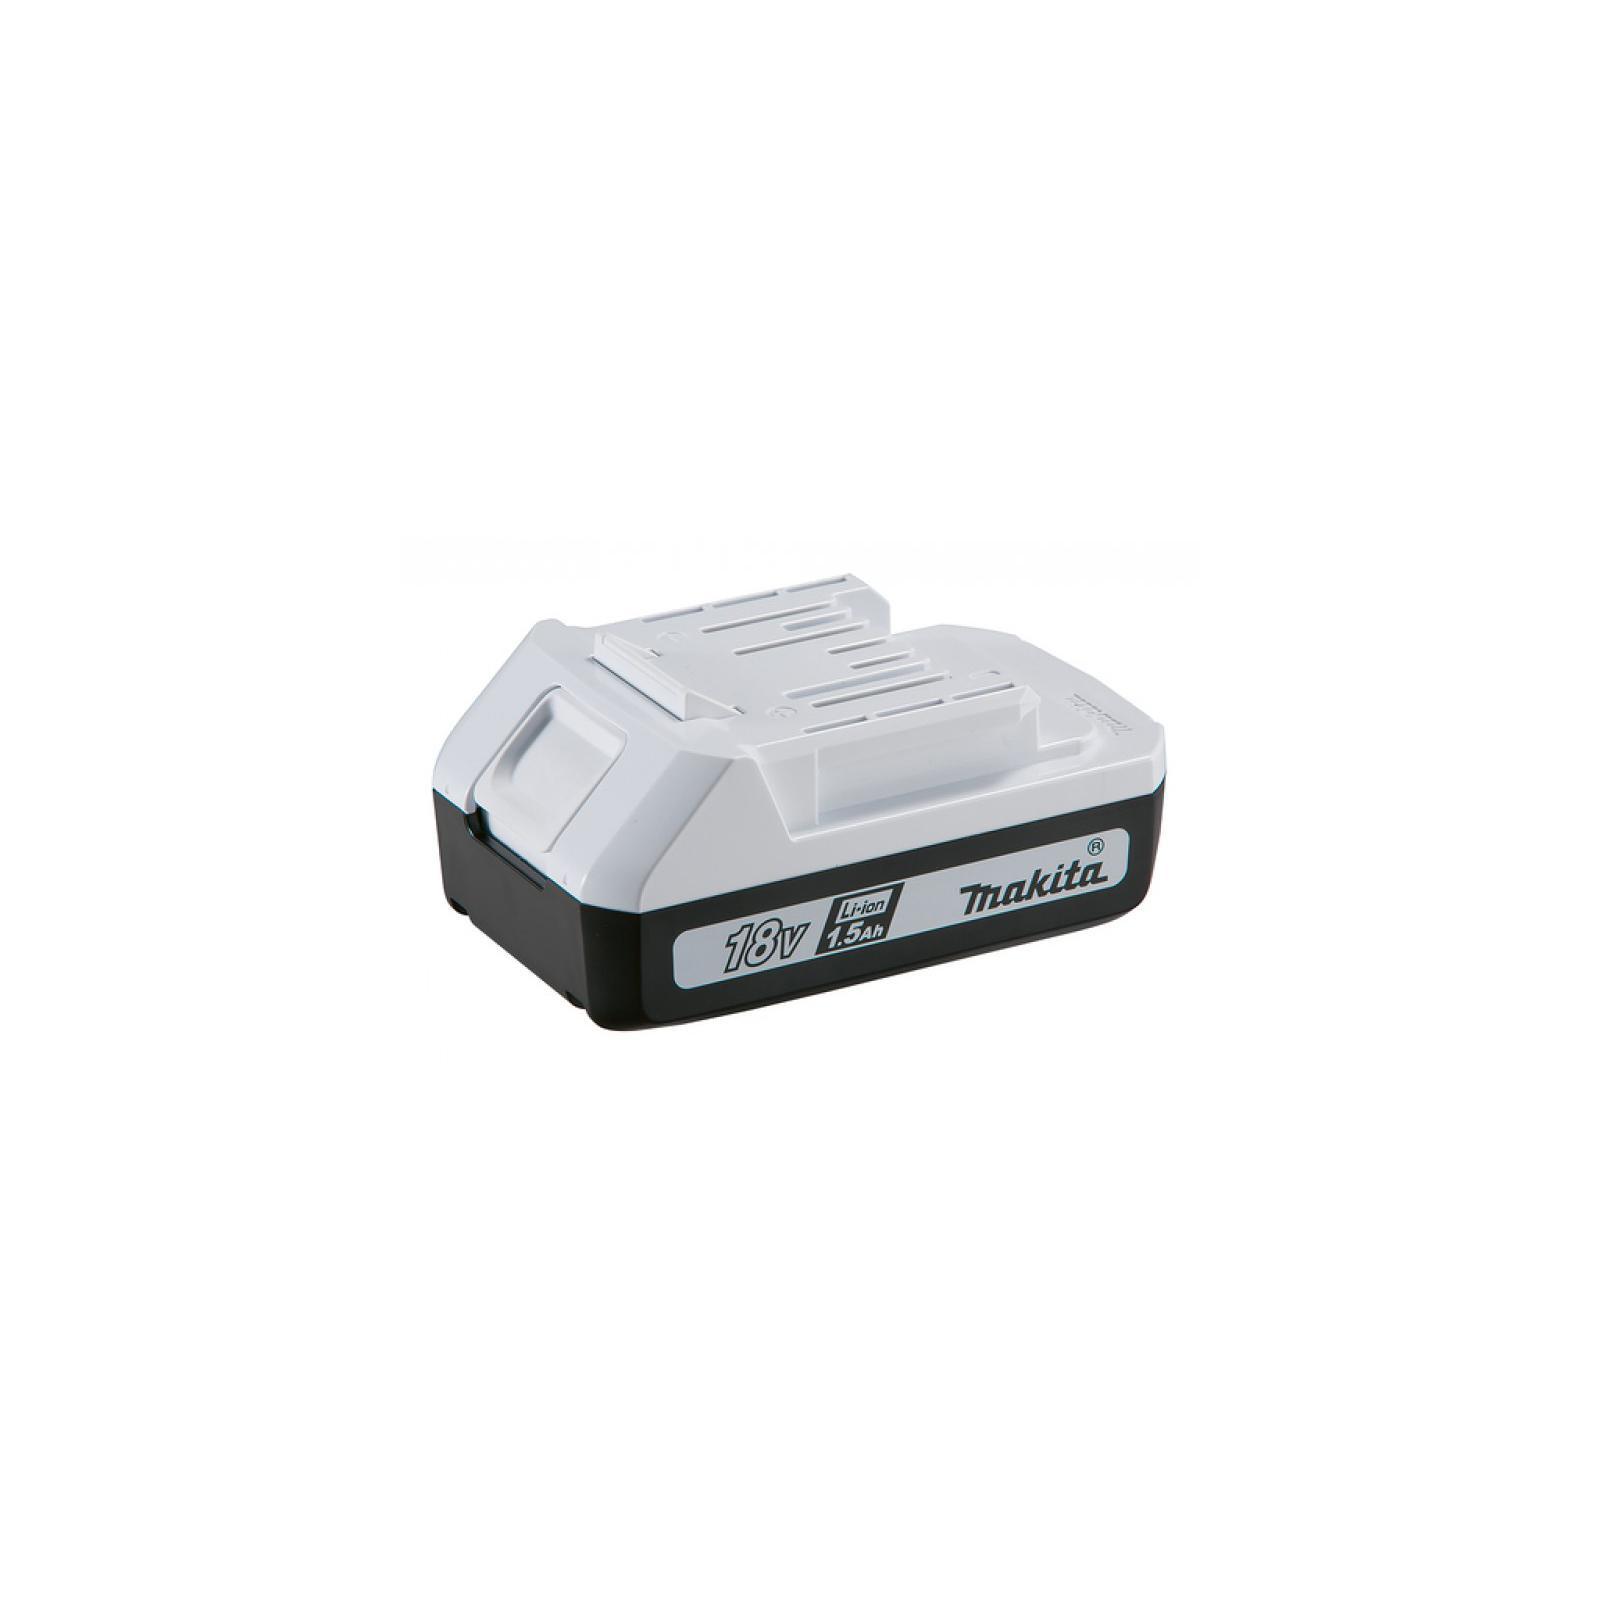 Аккумулятор к электроинструменту Makita BL1815G 18V/1.5Ah (198186-3)